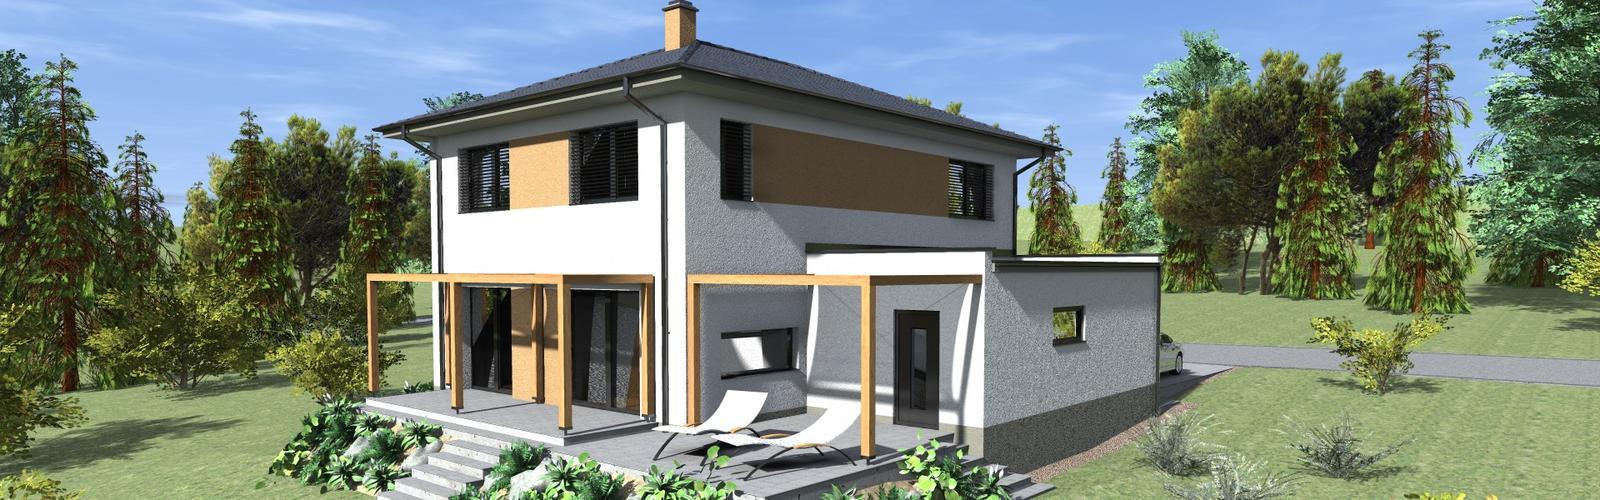 Nízkoenergetický dom v Malej Ide - Obrázok č. 1